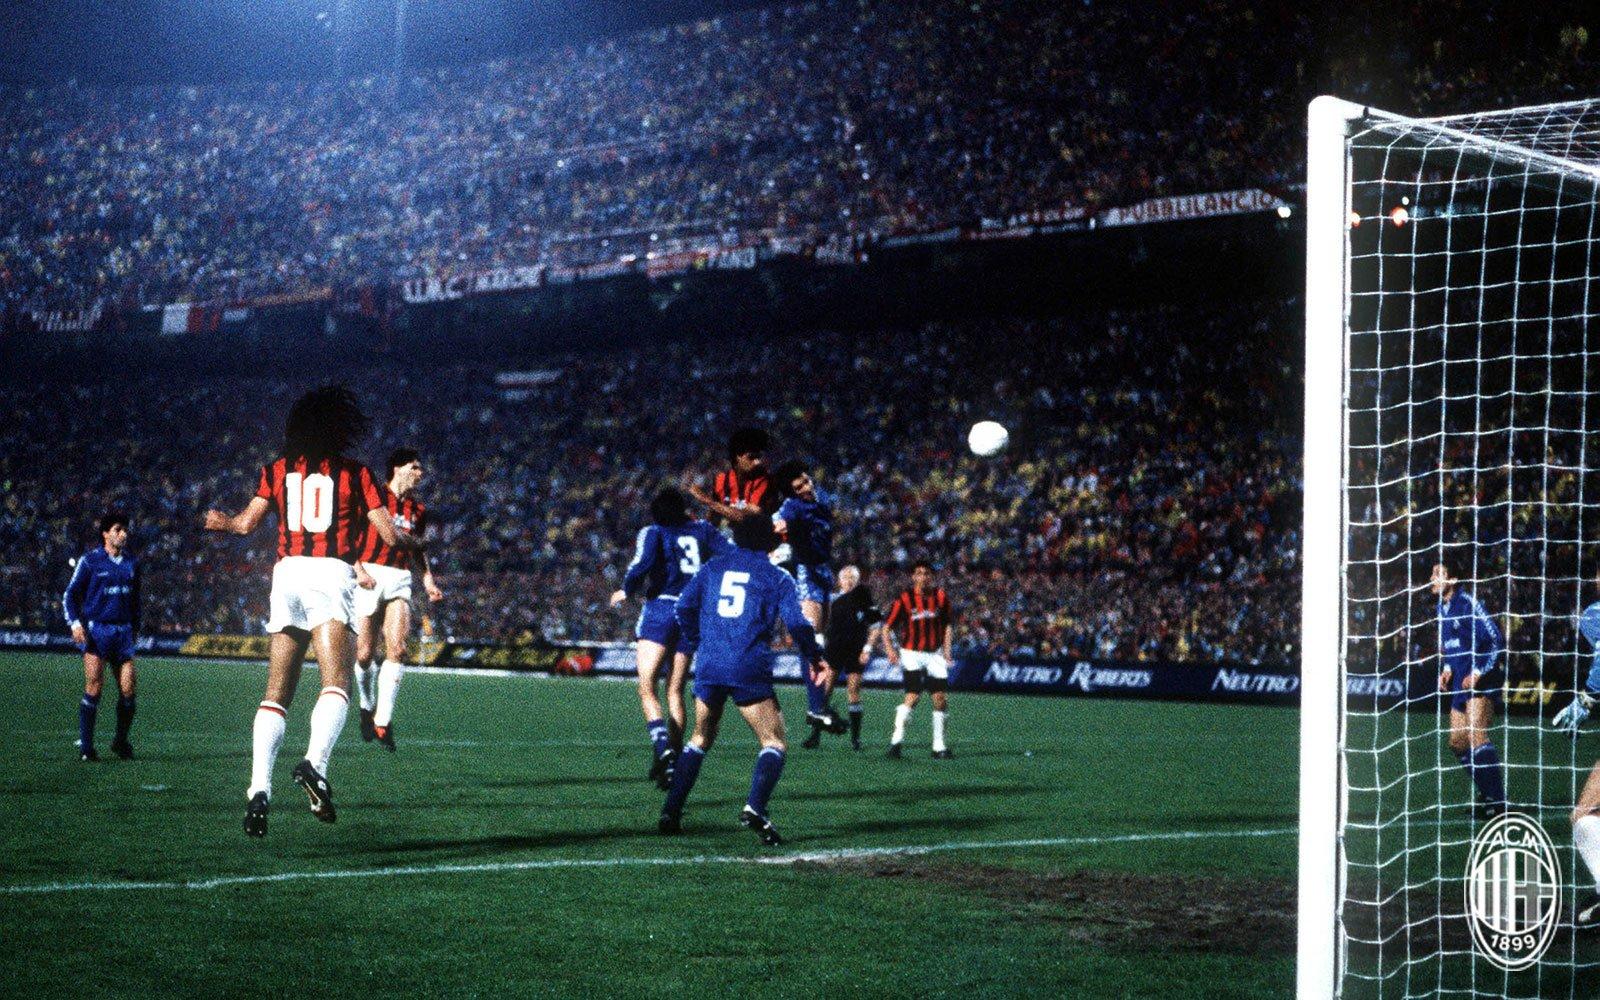 #SkyMilan89, 30 anni fa la Coppa dei Campioni vinta da Arrigo Sacchi